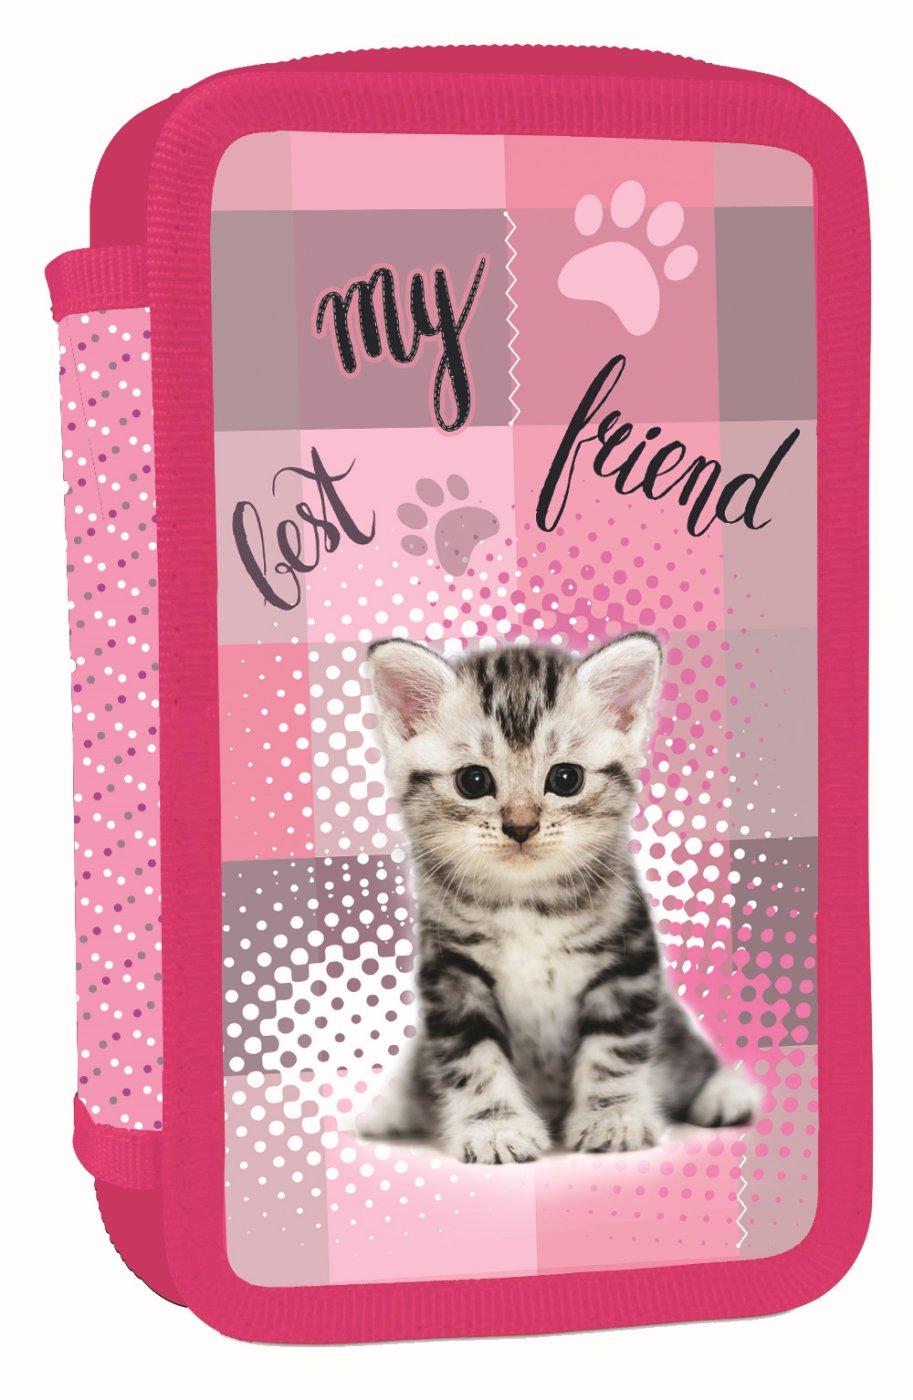 ... Školní potřeby · PENÁLY NENAPLNĚNÉ · Trojpatrové · Penál 3 p. prázdný  kočka Bez licence · Image bec1e1c612